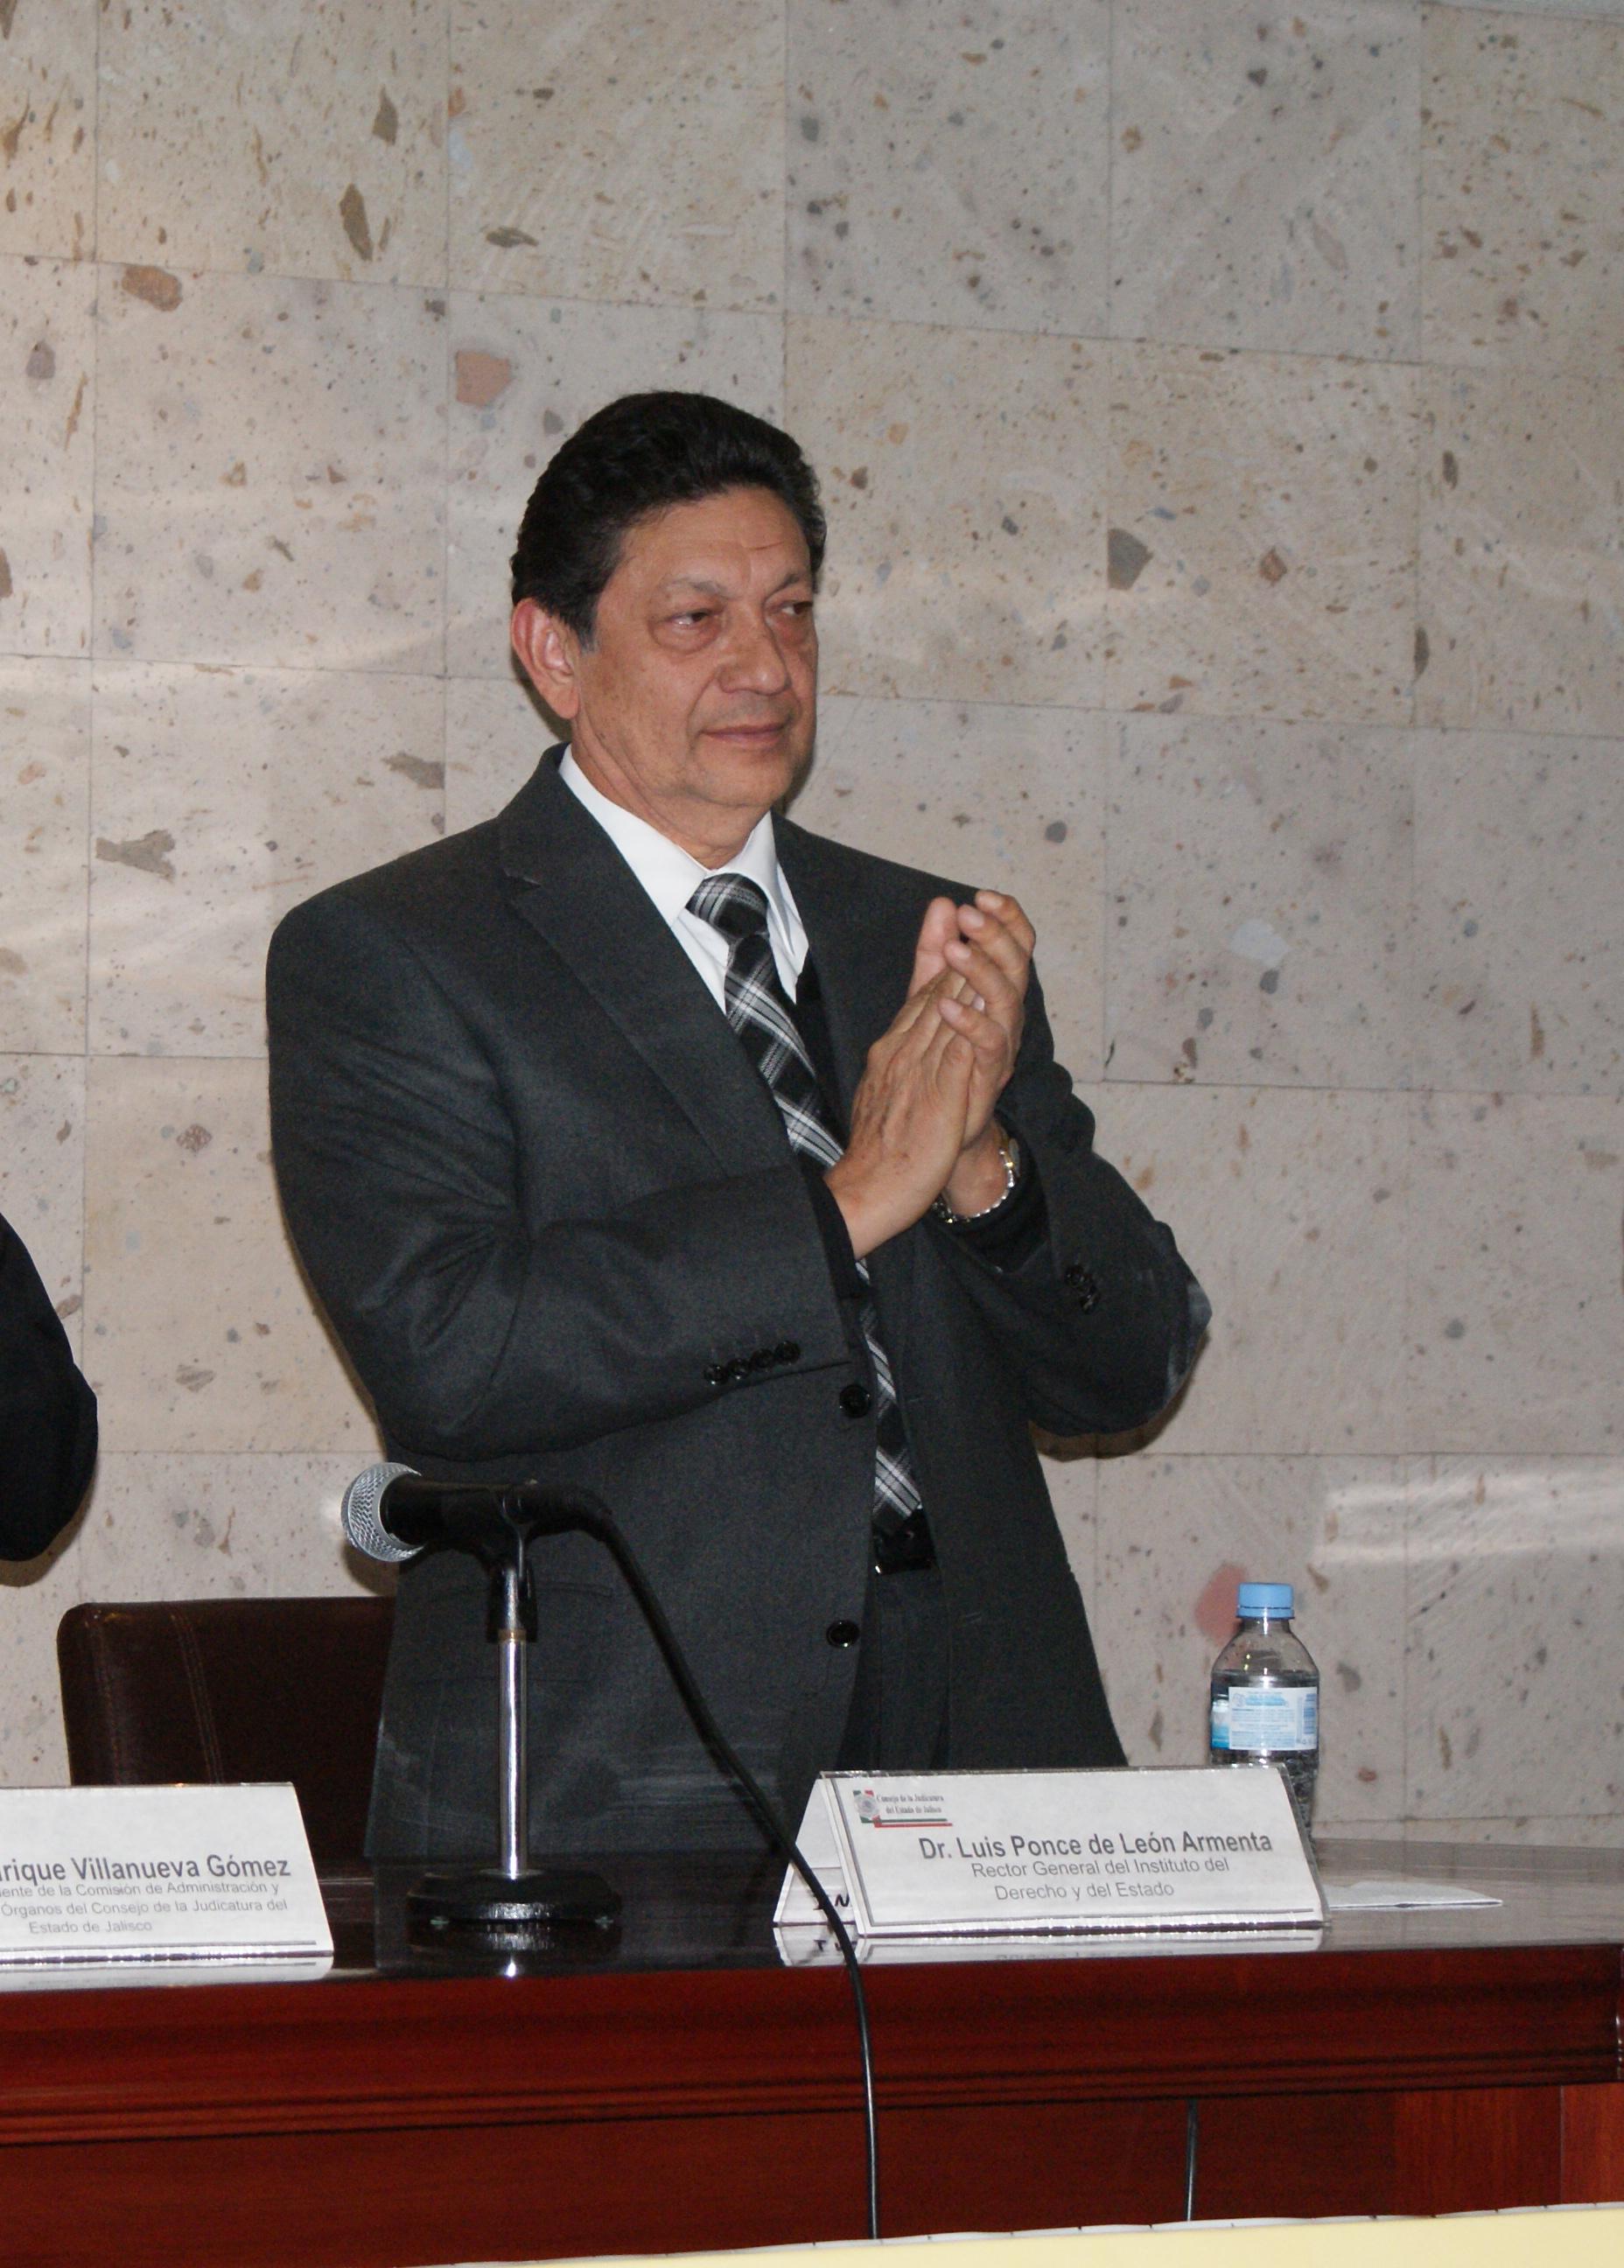 Consejo de la Judicatura de Jalisco | Cscpoderjudicialenjalisco\'s Blog